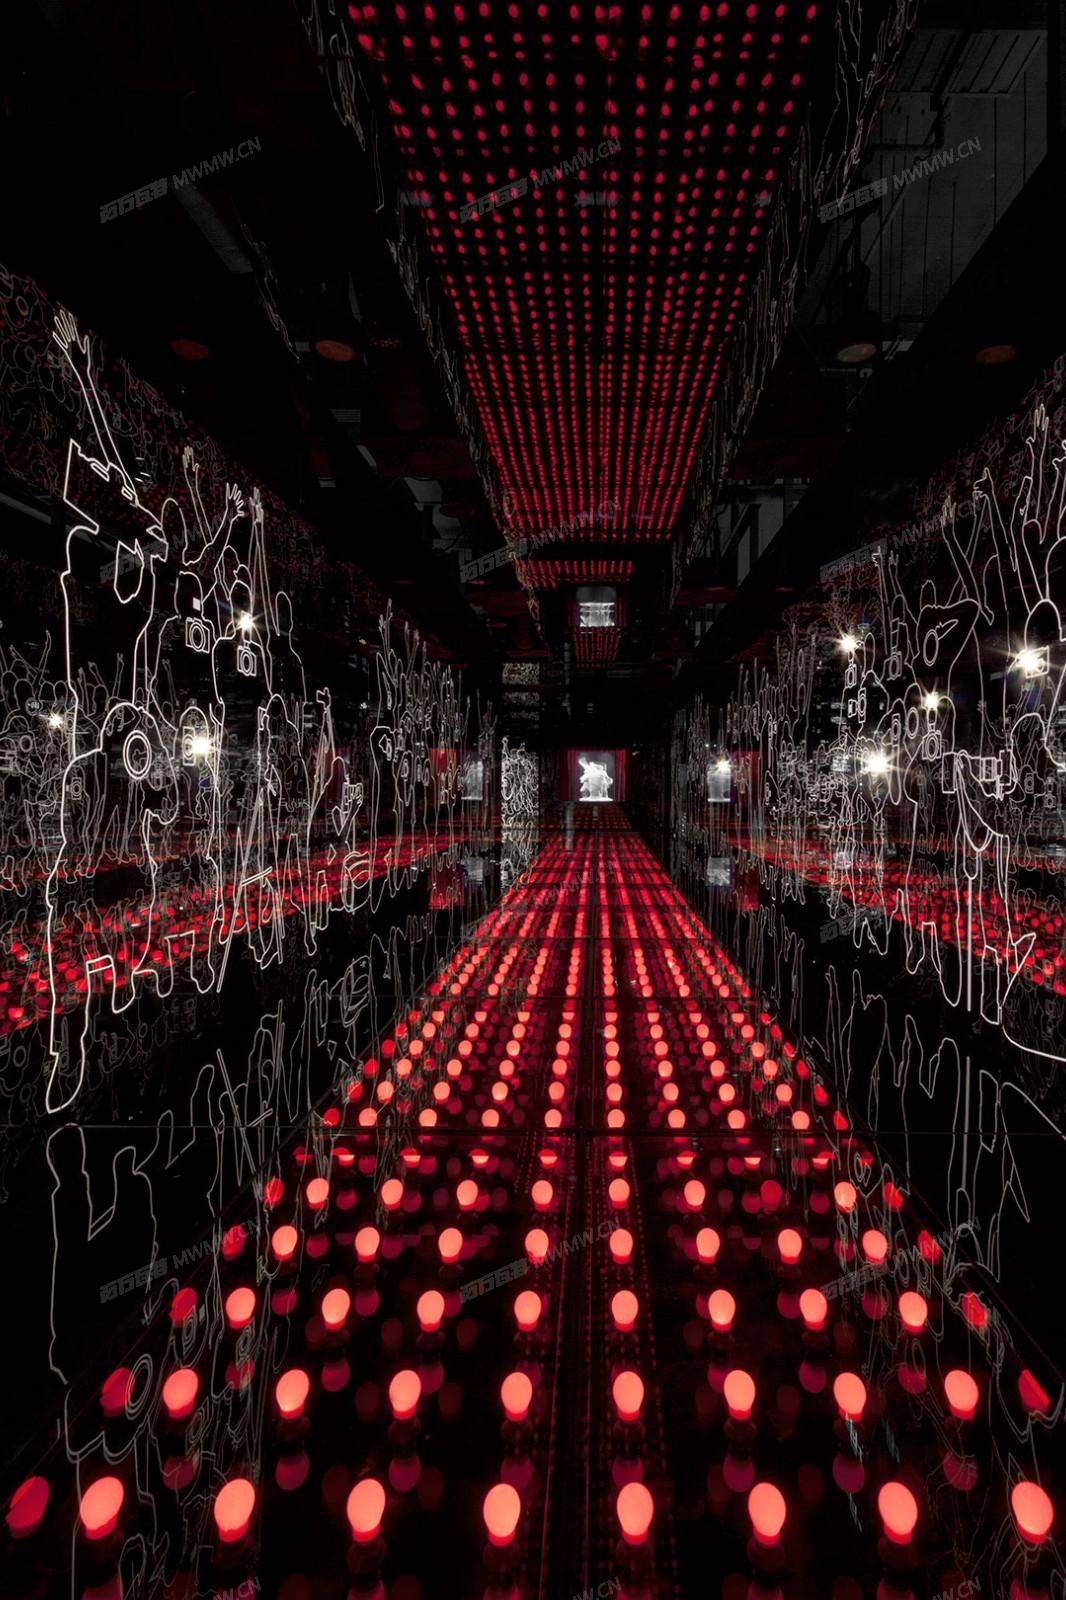 SFM_F4_Carpet_of_Lights_02.jpg